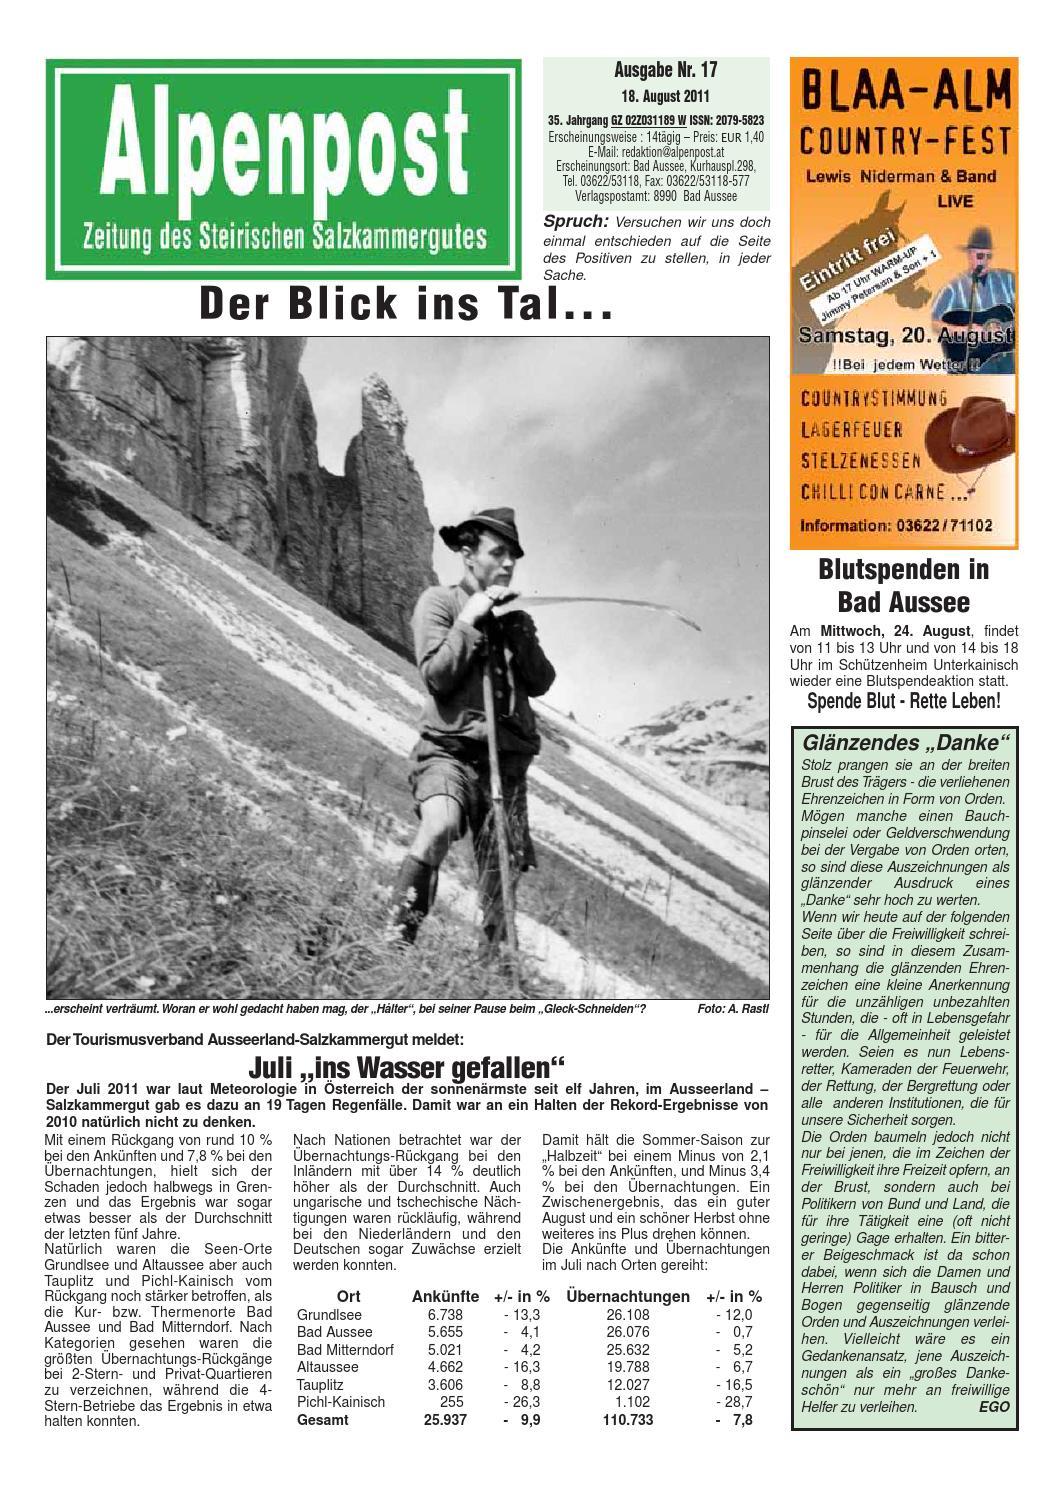 Events Fr Singles Bad Aussee, Bi Frau Sucht Frau Kuchl